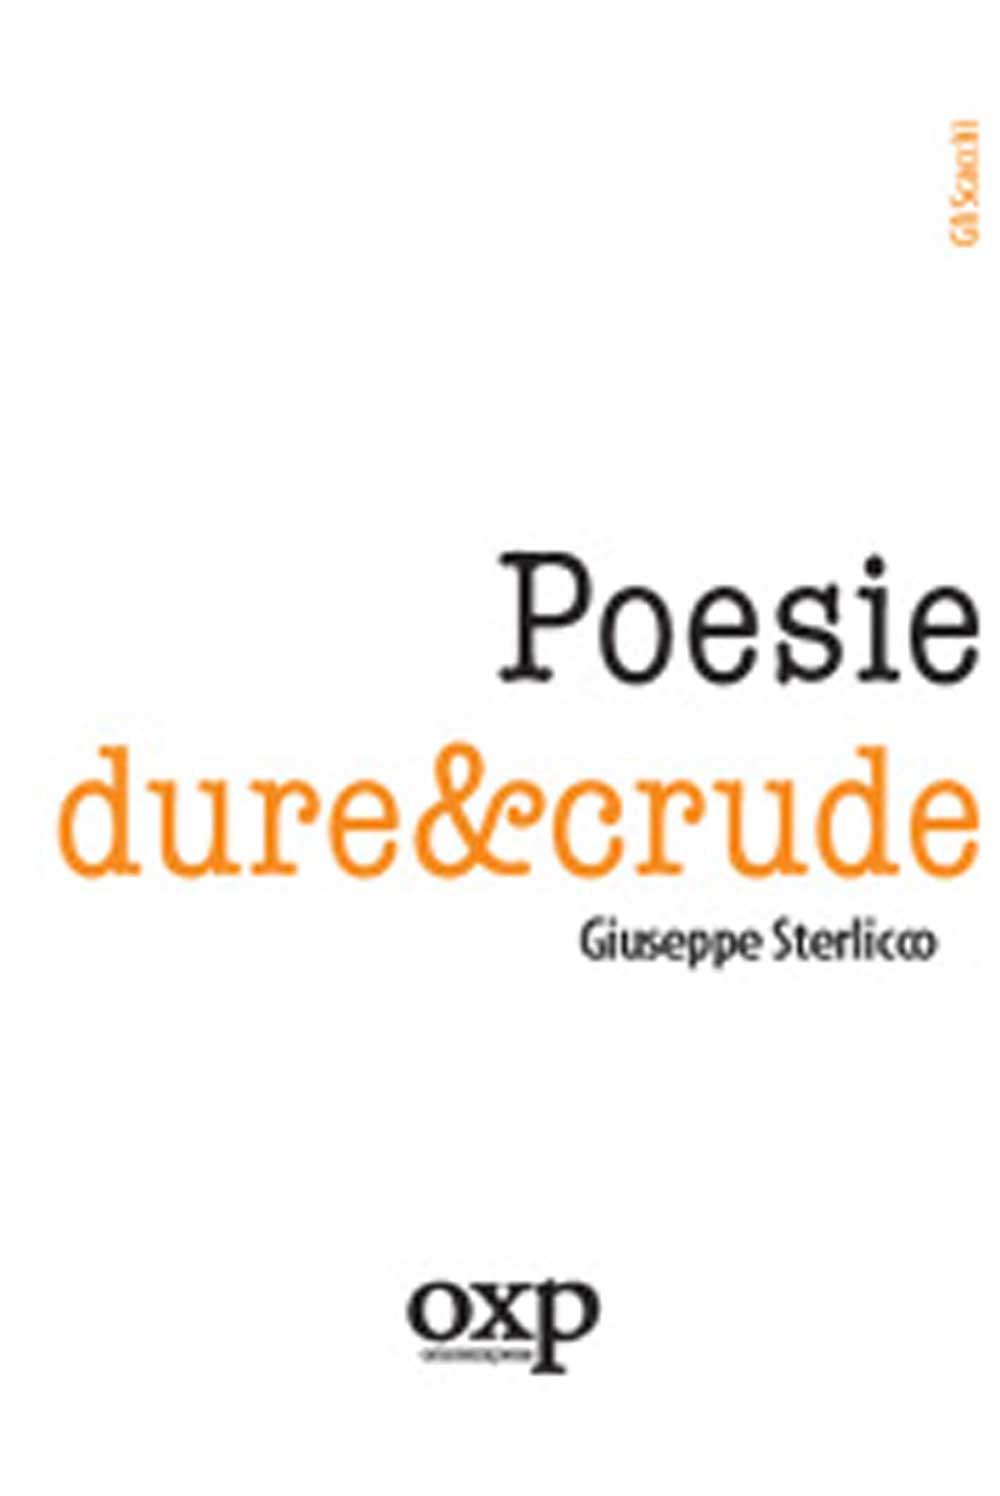 Poesie dure&crude, di GiuseppeSterlicco (Gli Scacchi, 2008)